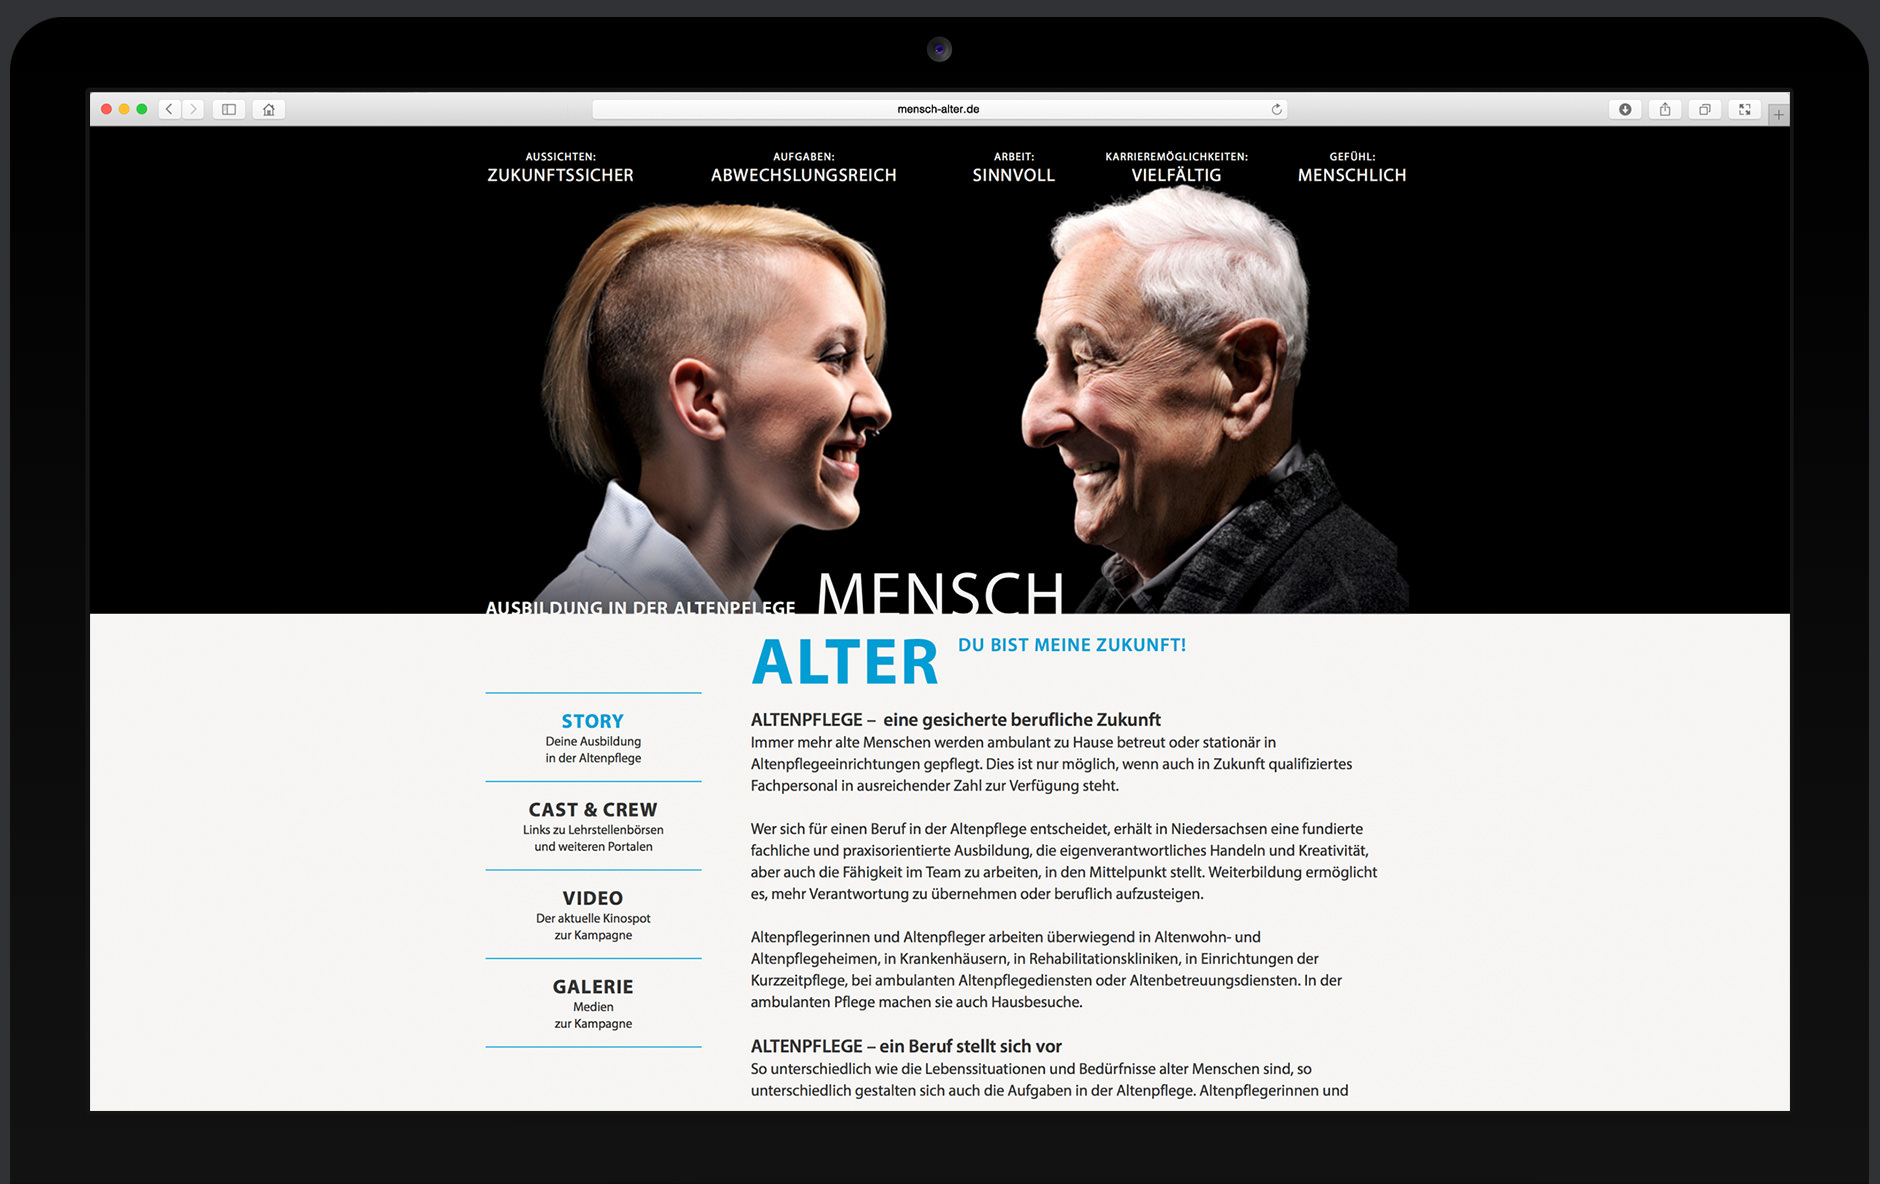 mensch_alter_6